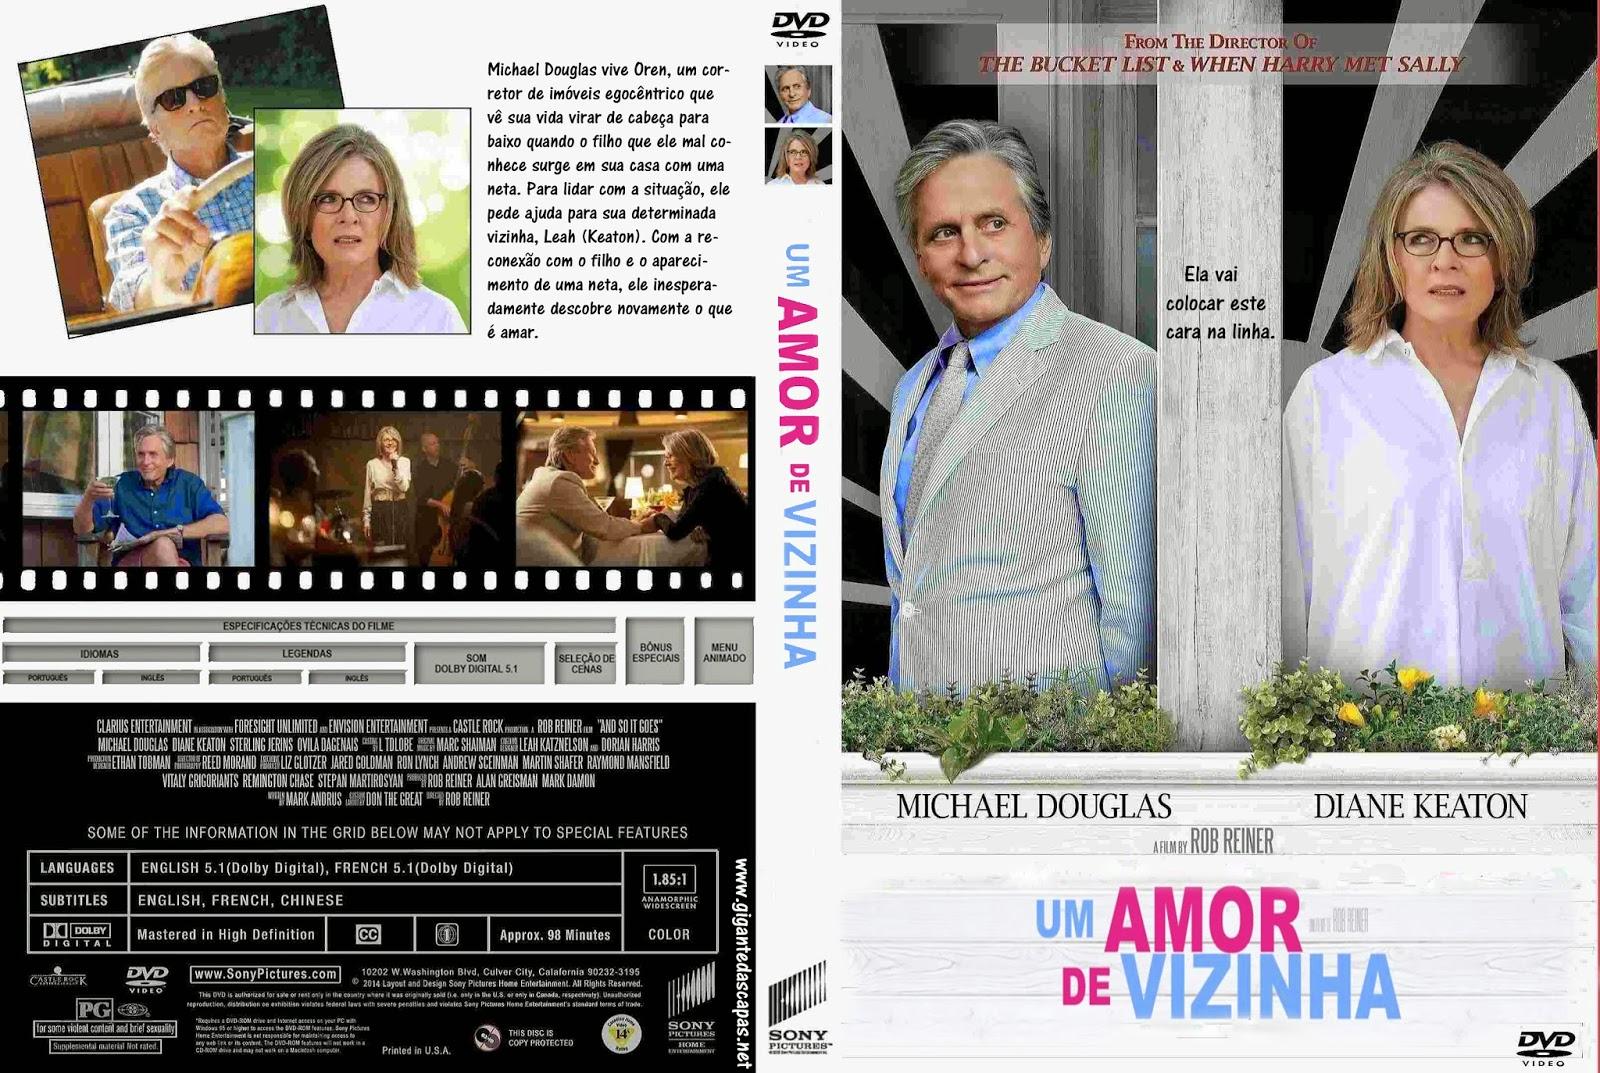 http://2.bp.blogspot.com/-ogMyRZBJshg/U8X_jXyGdfI/AAAAAAAAM5U/DL2Z68OycqQ/s1600/Um+Amor+de+Vizinha+2014.jpg